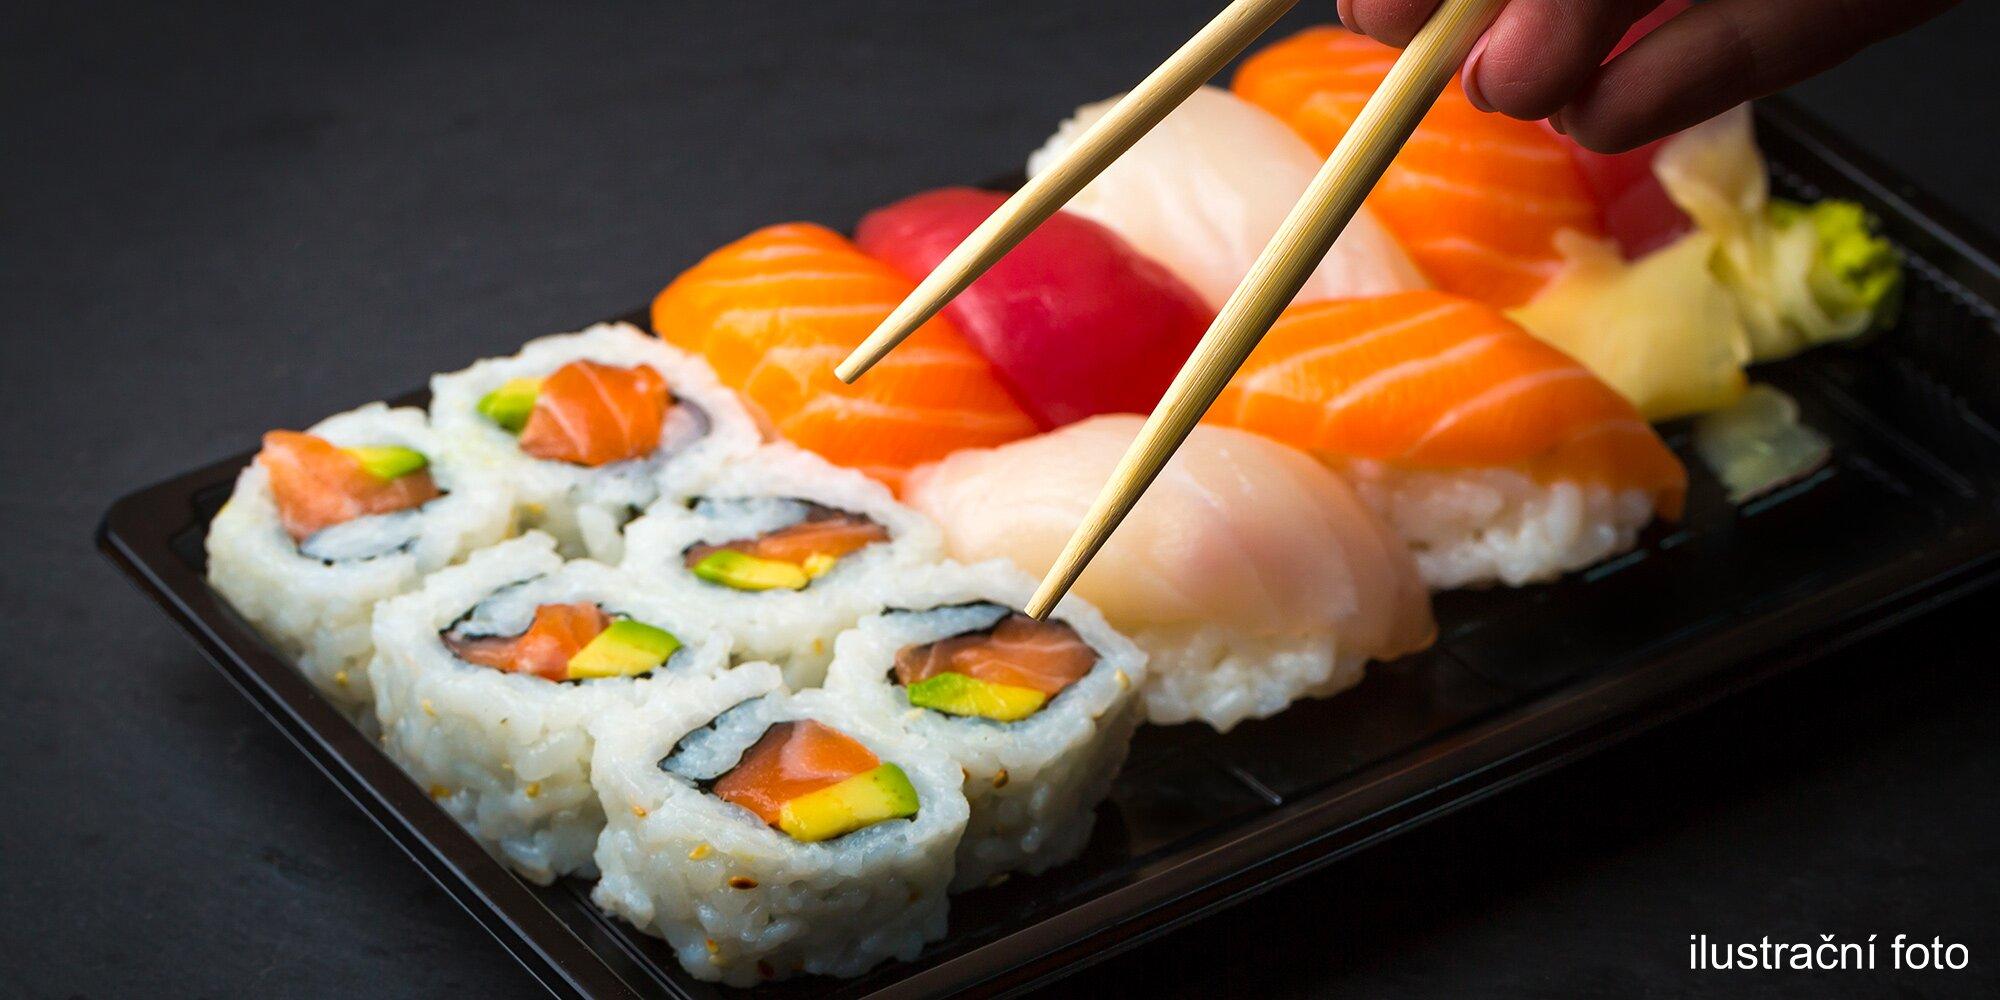 Прикольные картинки роллов и суши, картинках